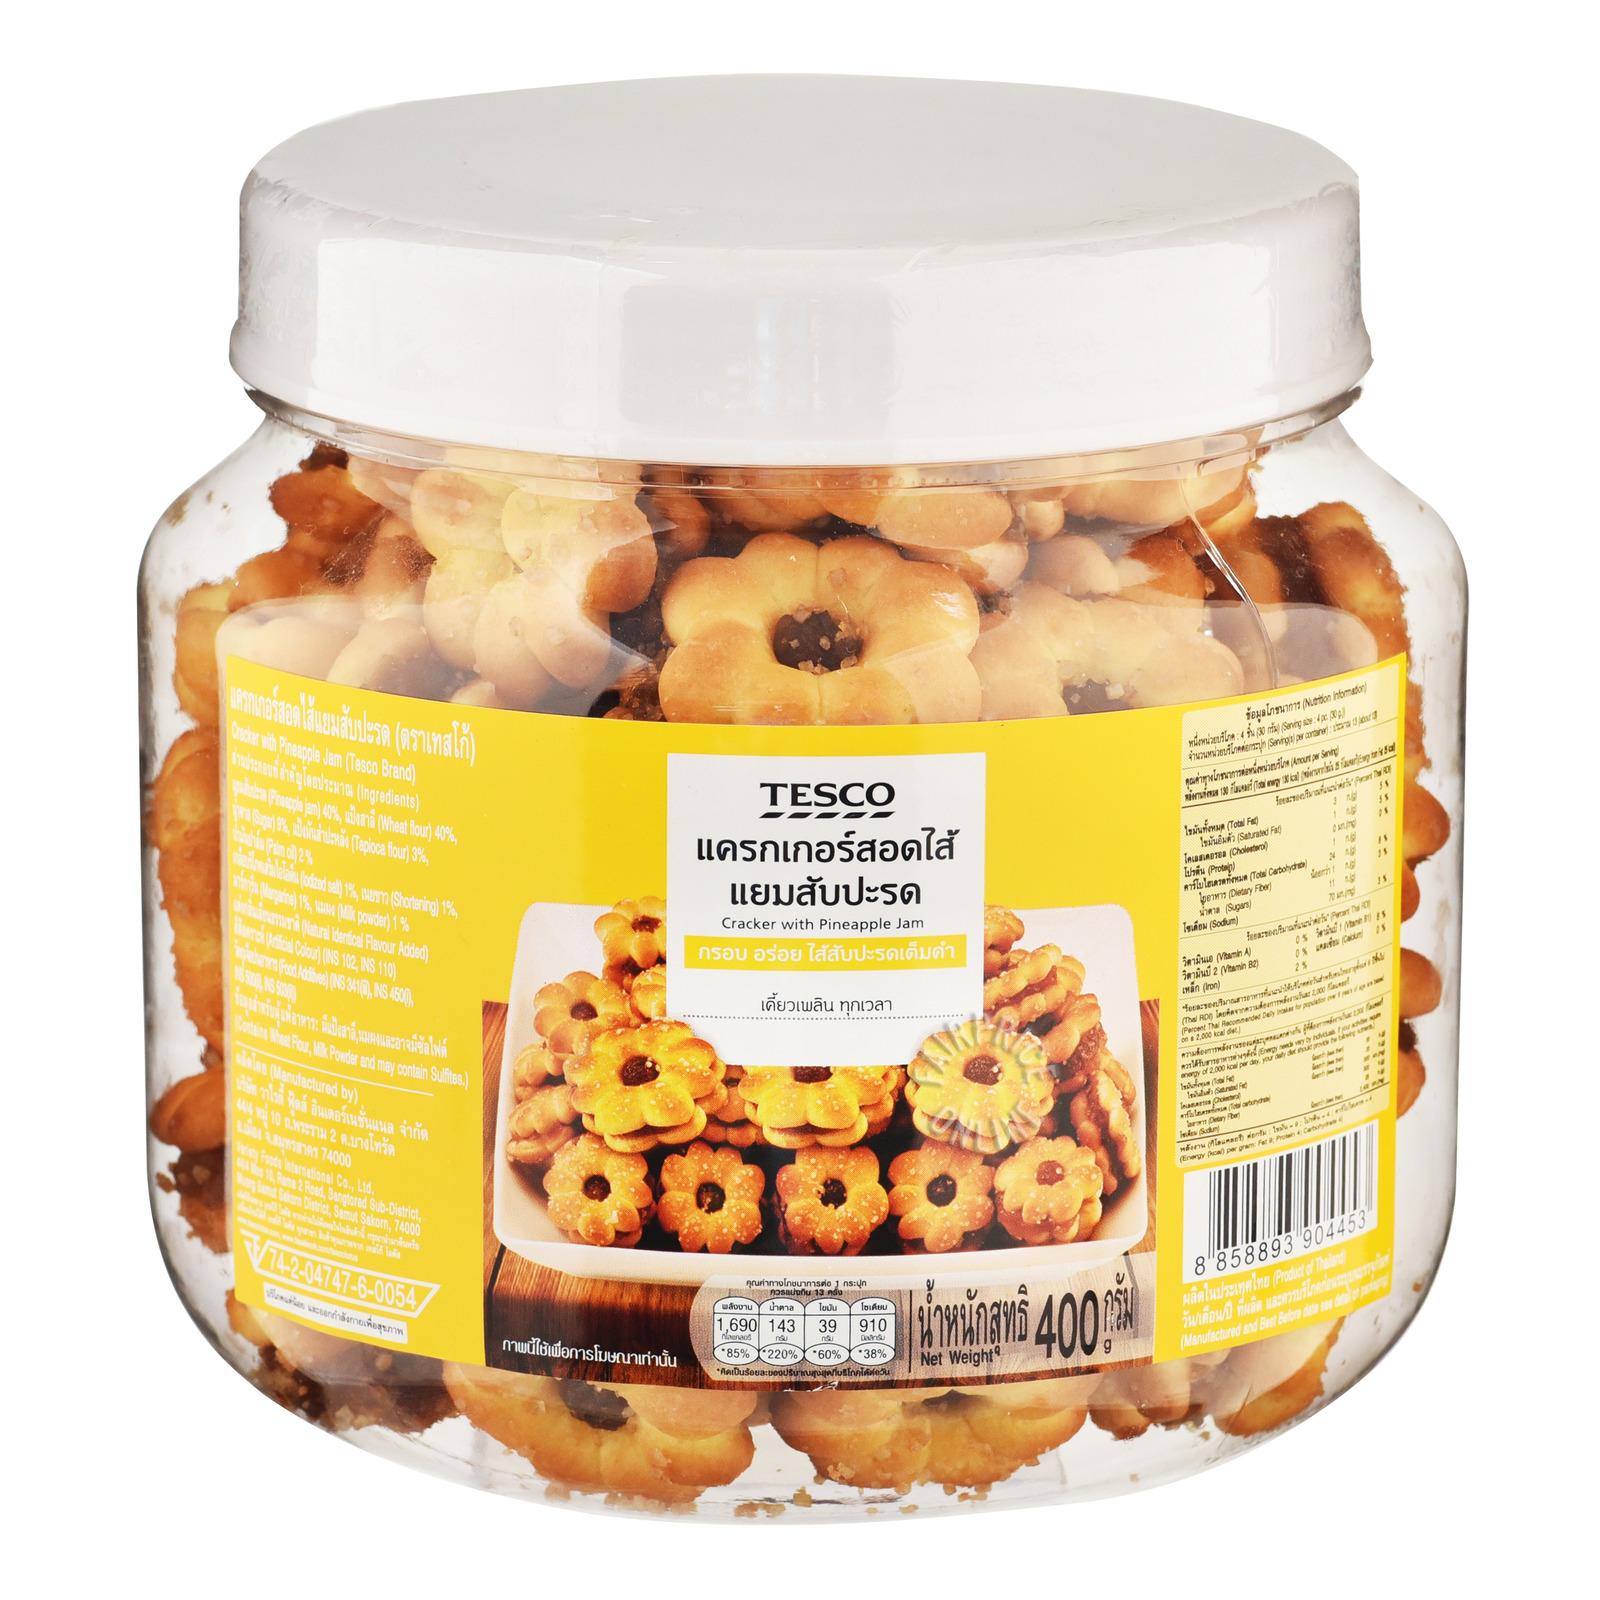 Tesco Cracker with Pineapple Jam